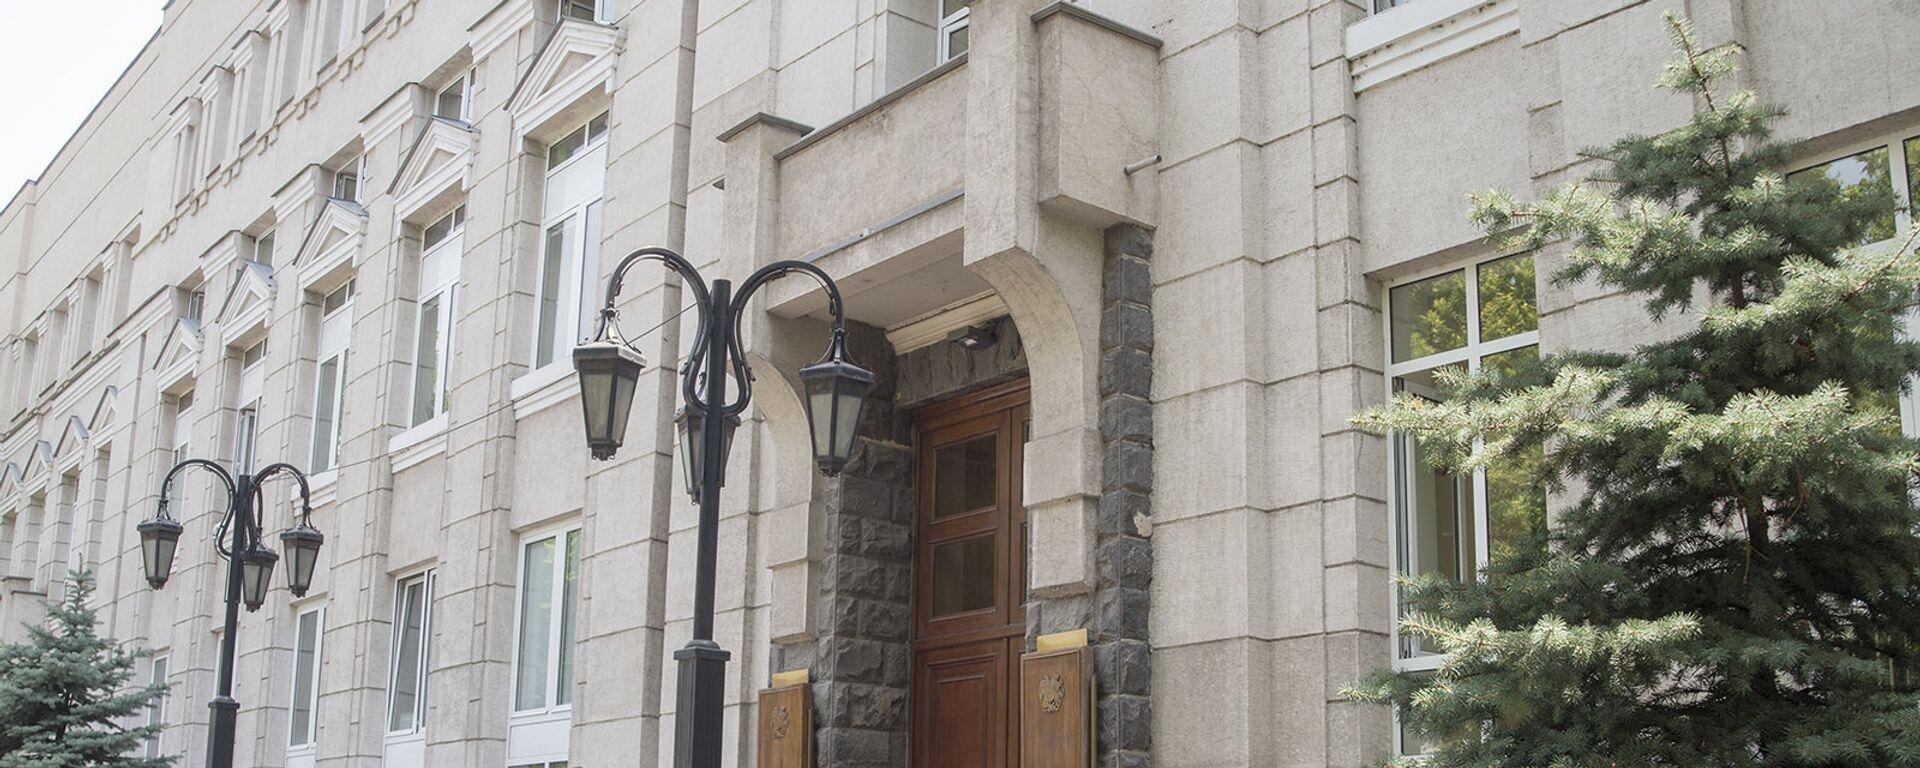 Здание Центрального банка Армении  - Sputnik Армения, 1920, 13.10.2021